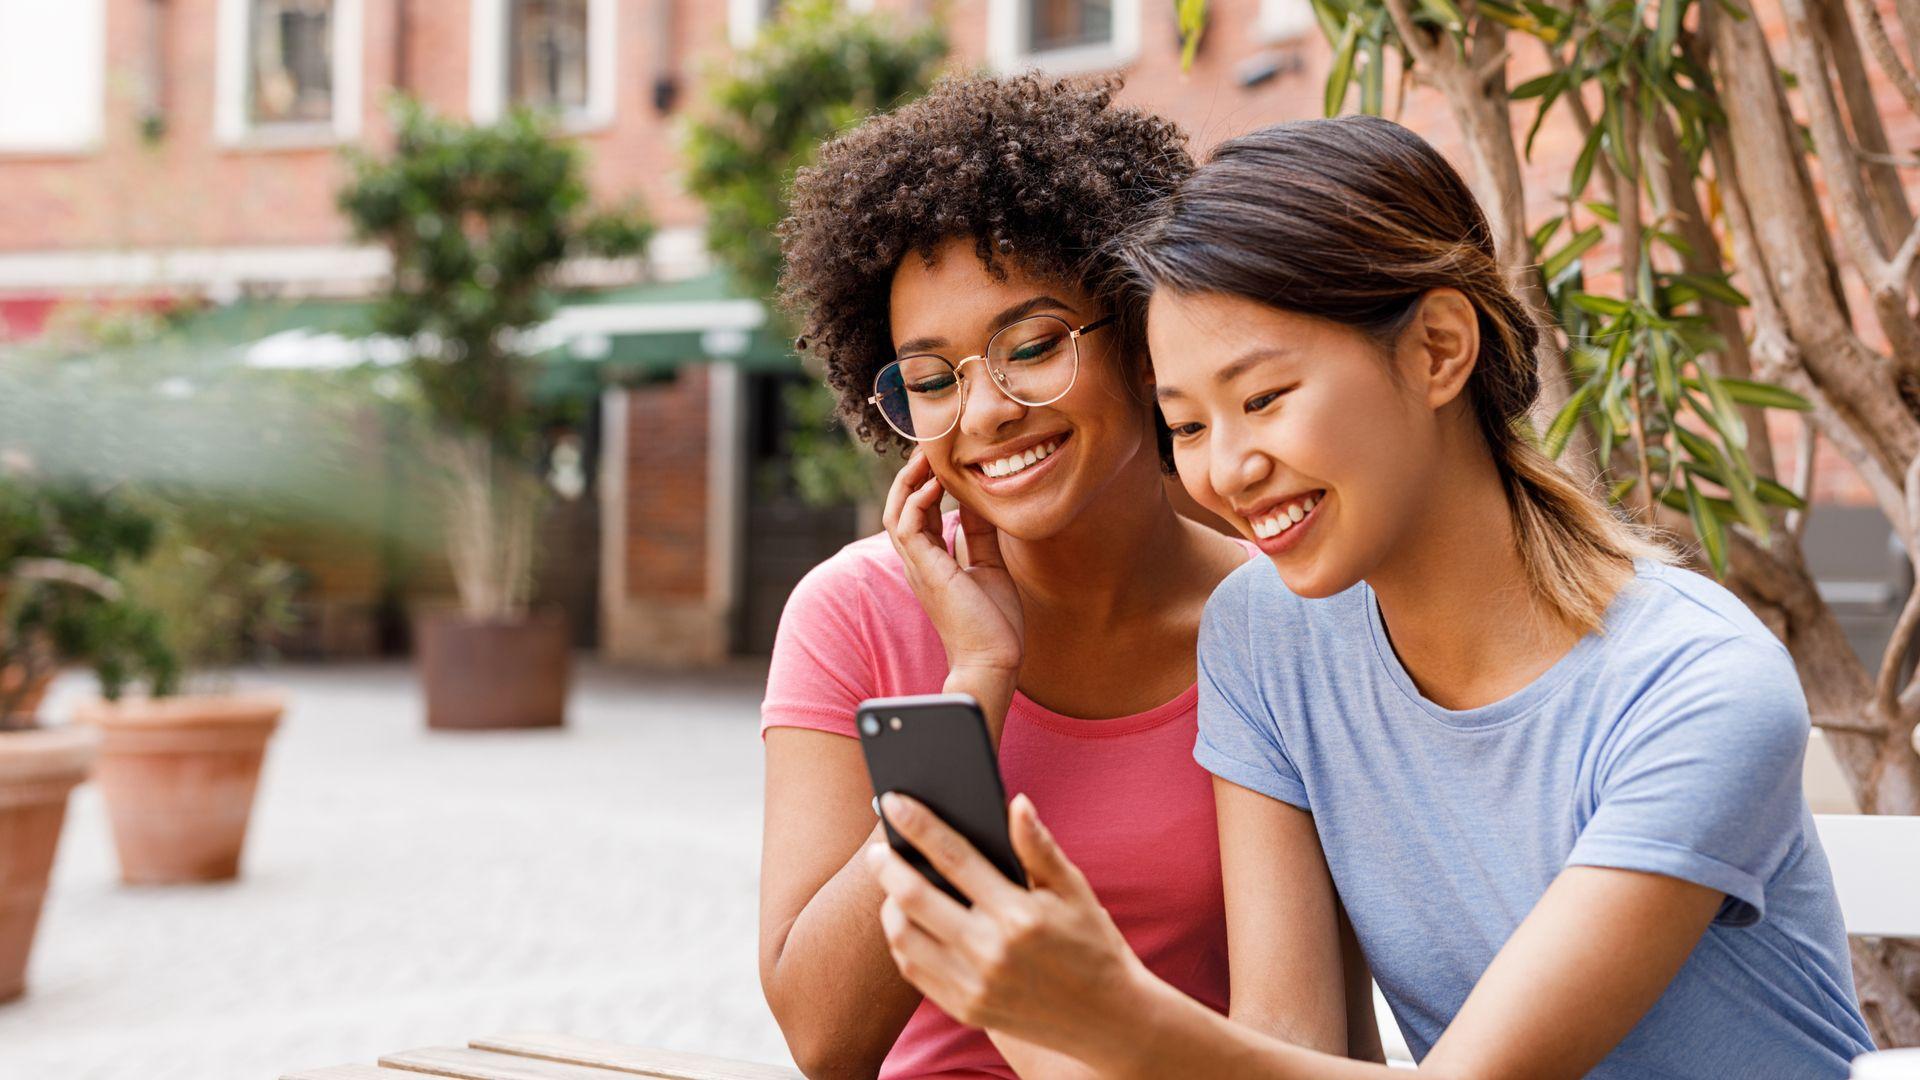 Encontre o melhor celular para presentear no Dia dos Namorados. (Imagem: Artem Varnitsin/Shutterstock)